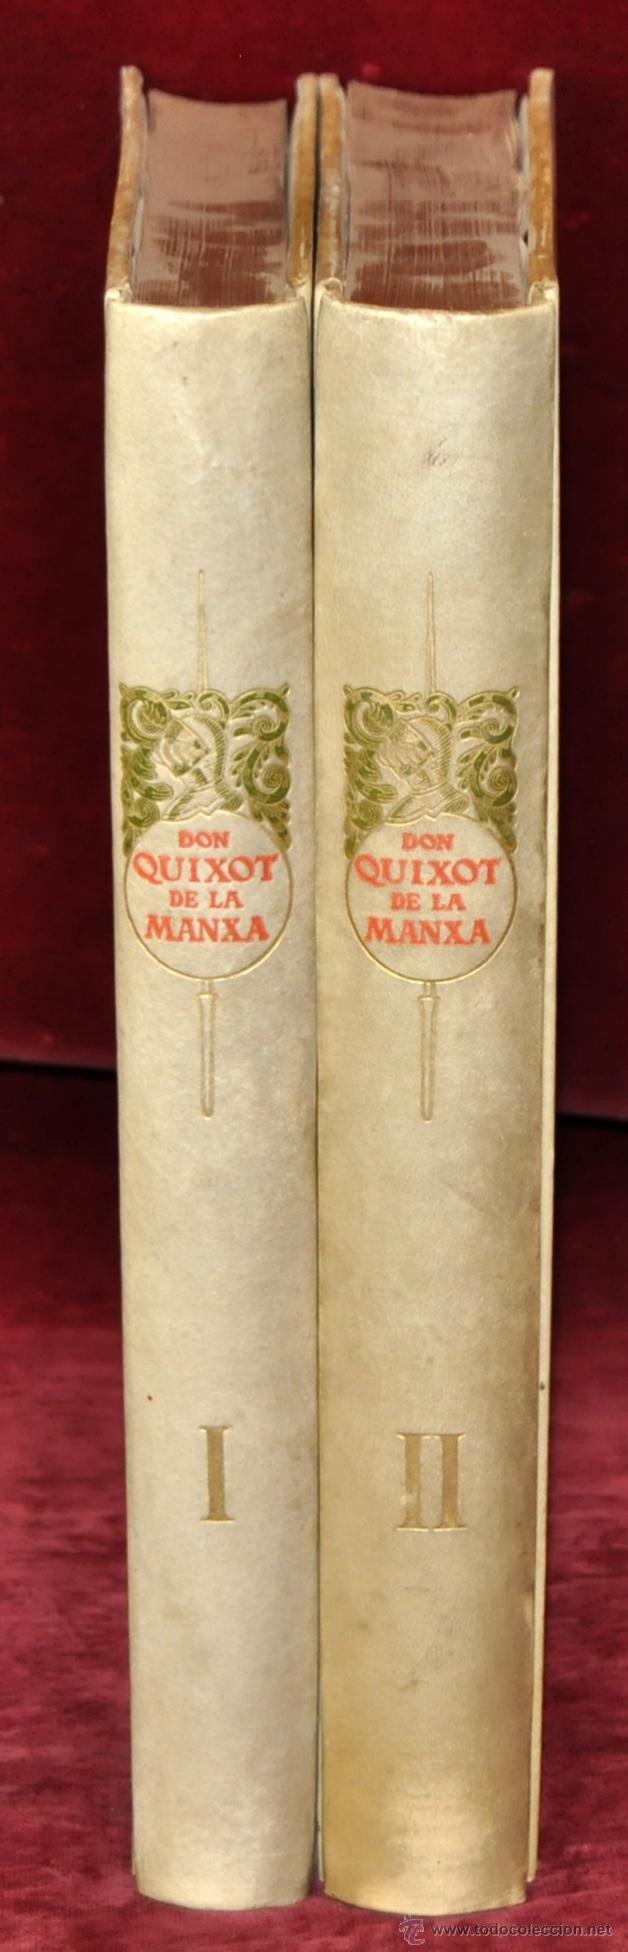 Libros de segunda mano: L'ENGINYOS CAVALLER DON QUIXOT DE LA MANXA. CERVANTES. EDIT. OCTAVI VIADER. 2 TOMOS. QUIJOTE MANCHA - Foto 3 - 54123283